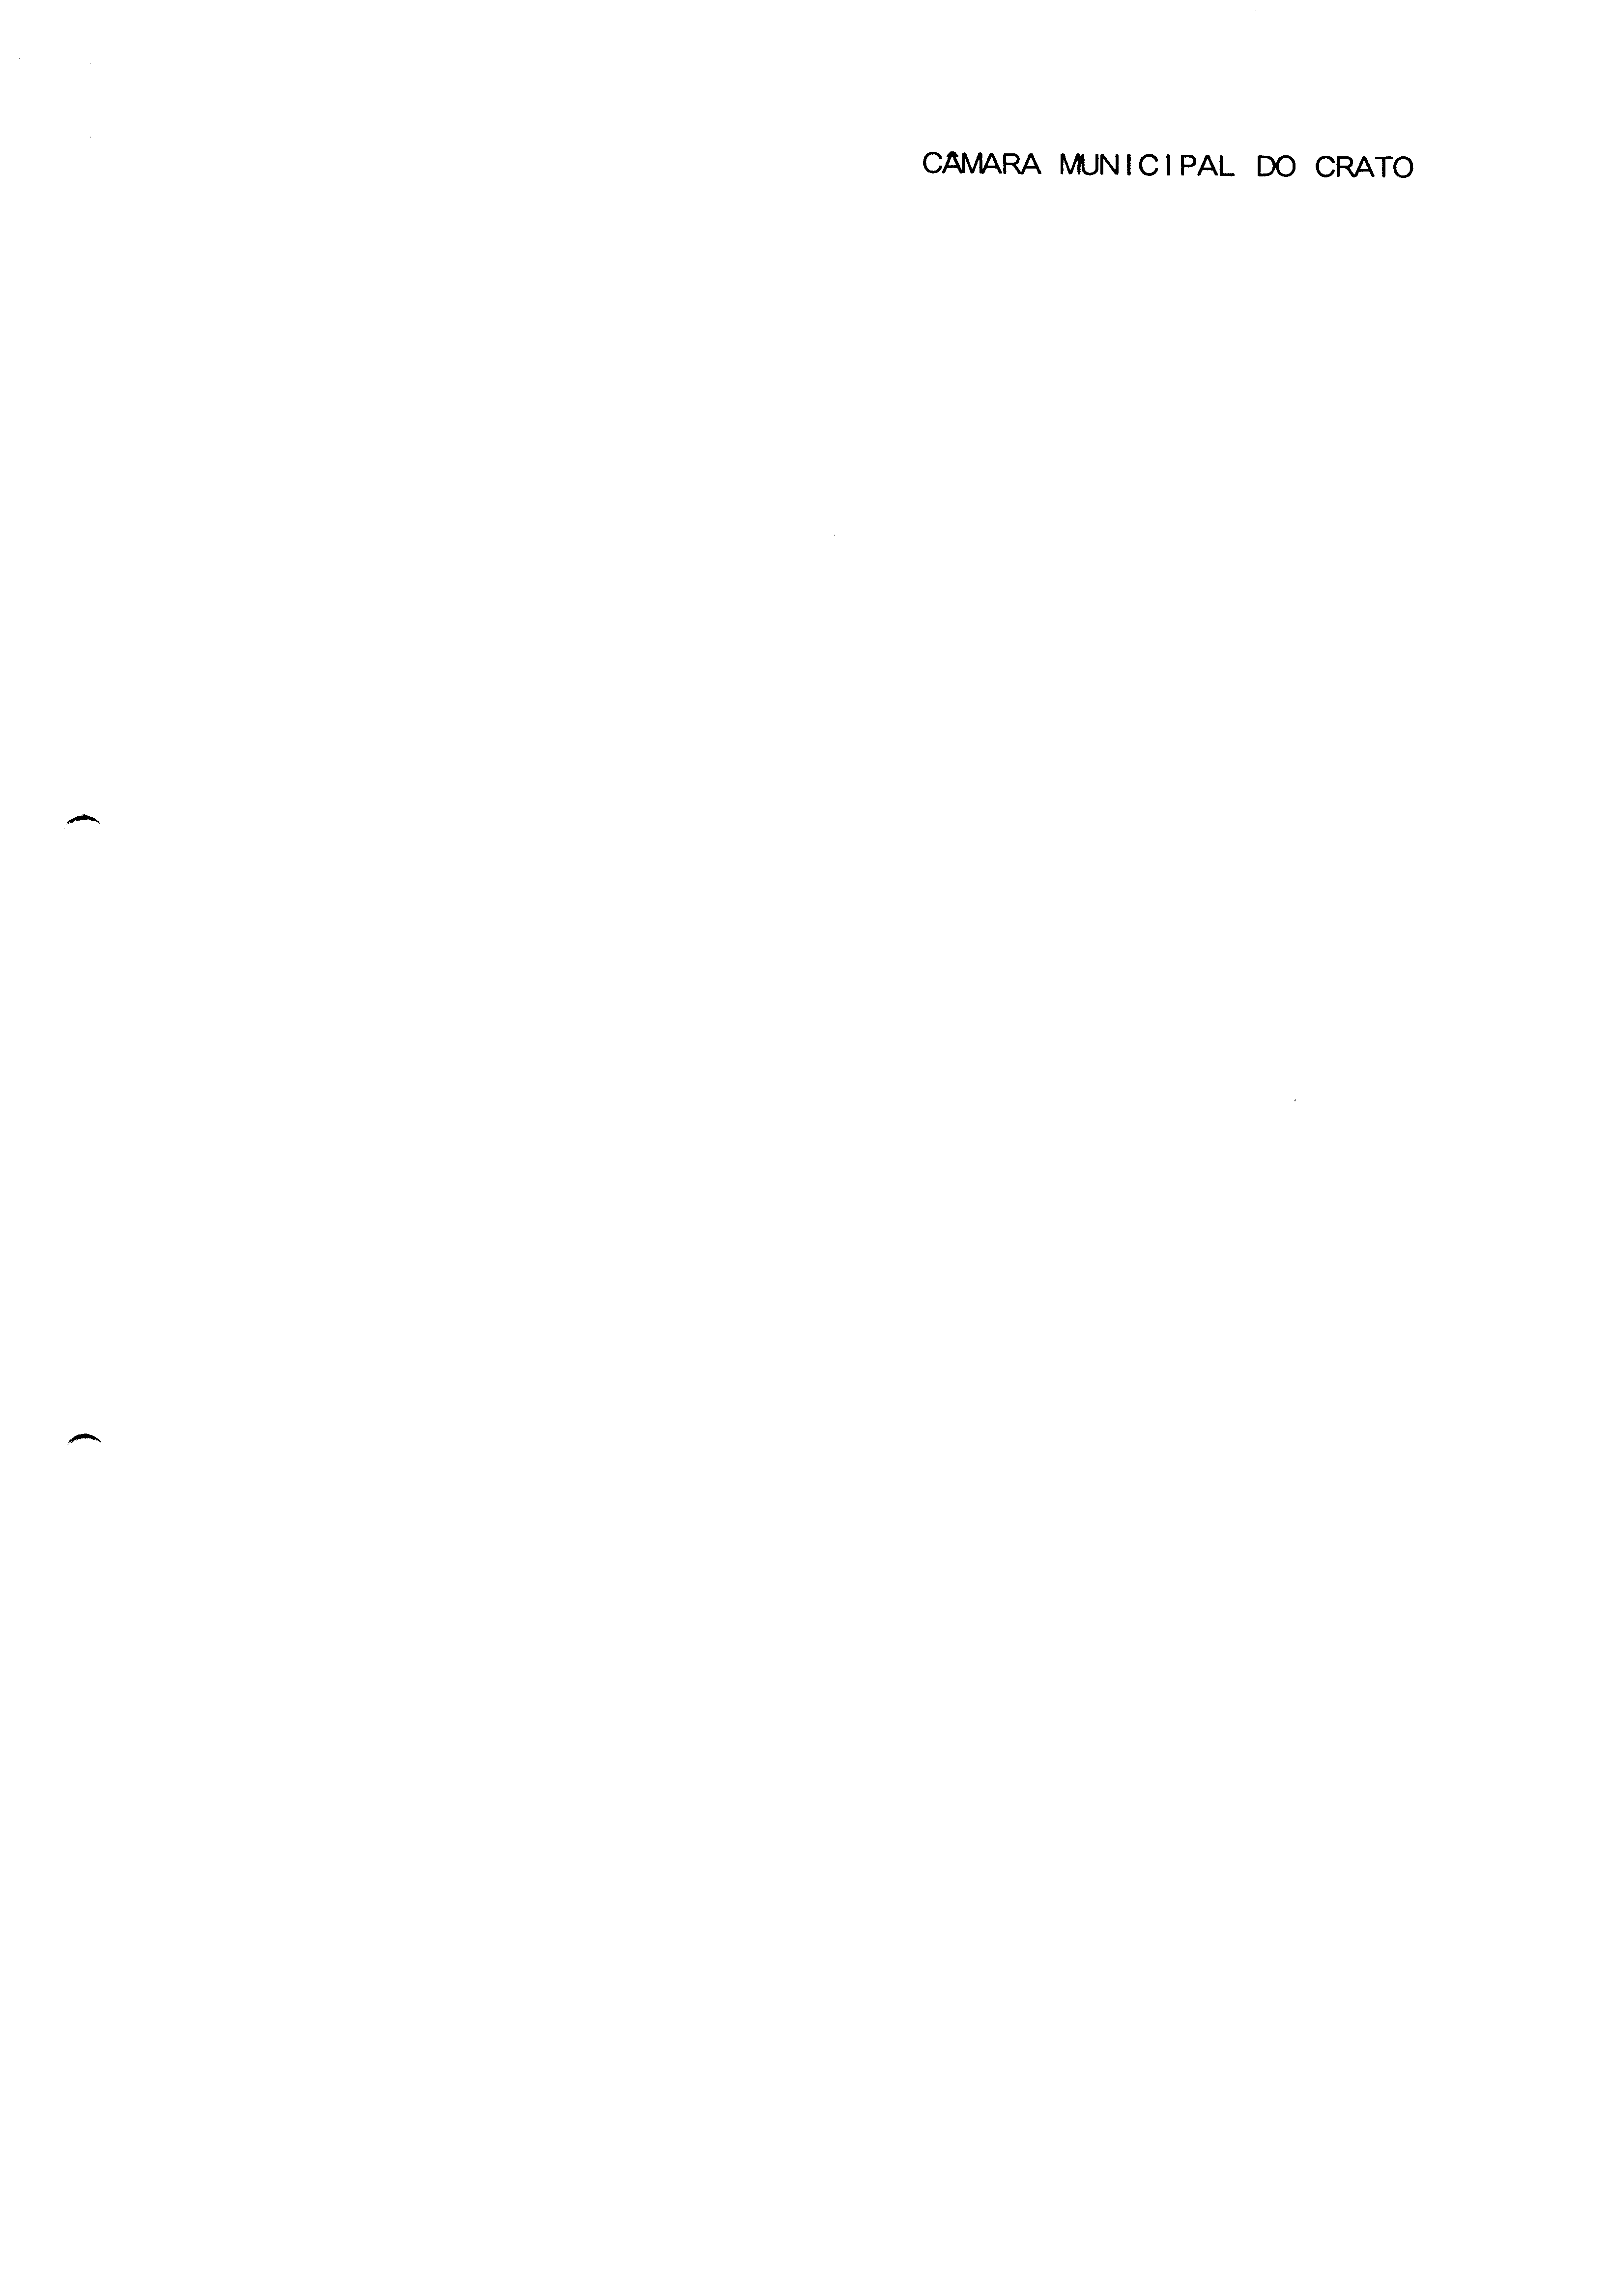 00406.019- pag.1